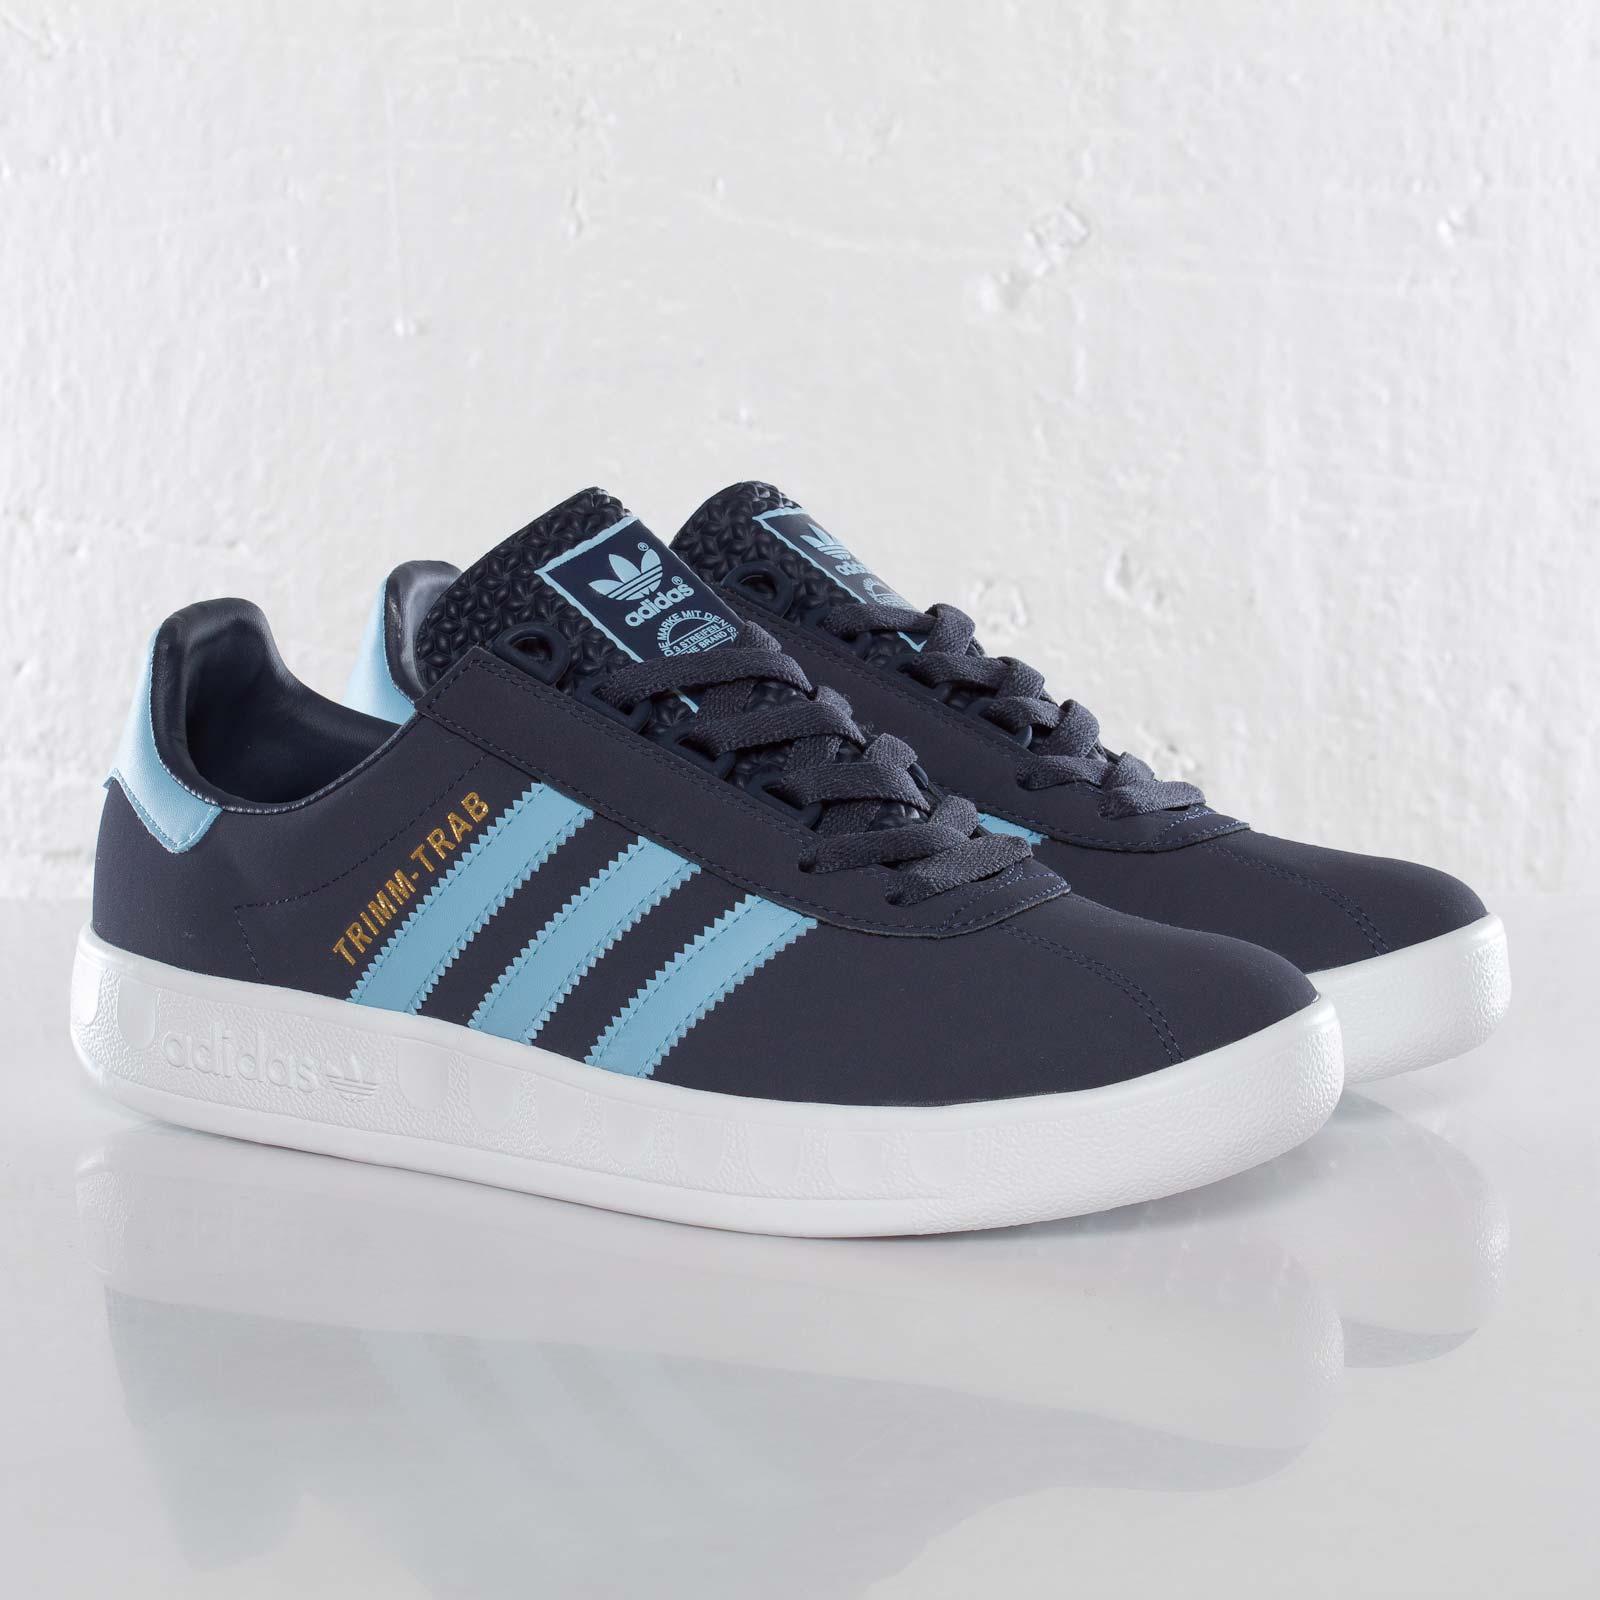 adidas Trimm-Trab - G95040 - Sneakersnstuff  25d56b50d144